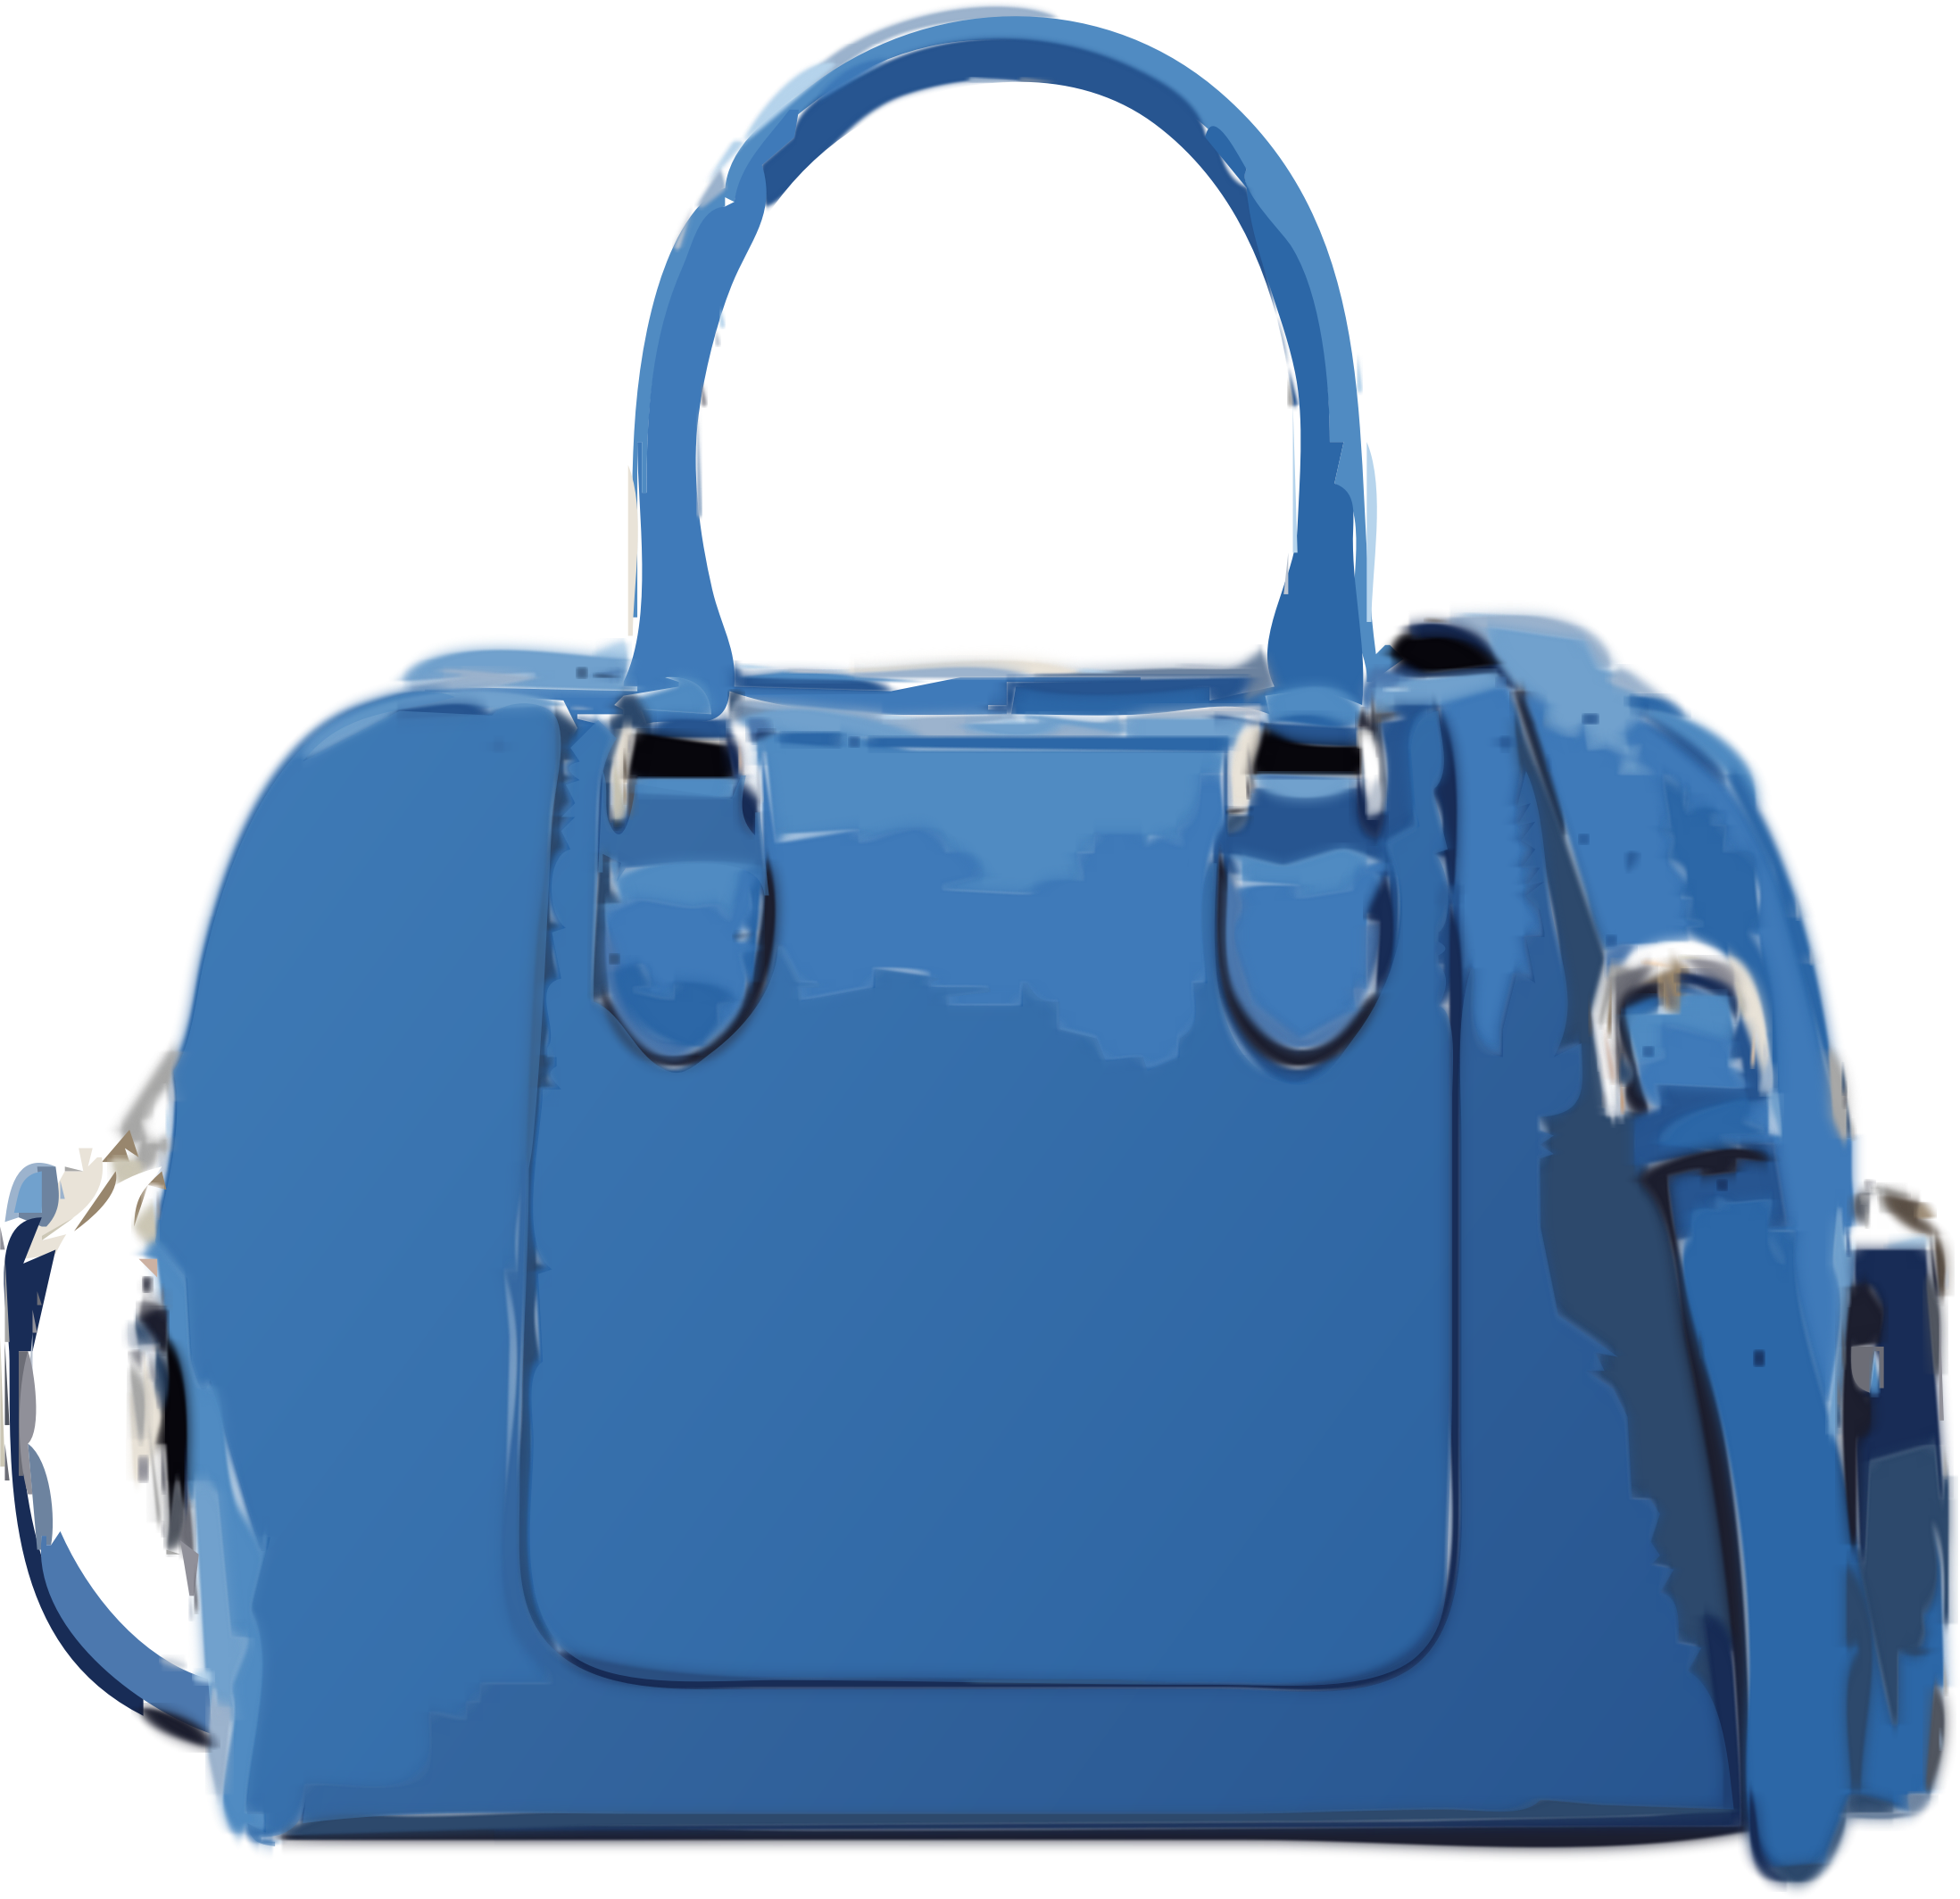 Blue handbag despamed big. Hand clipart purse